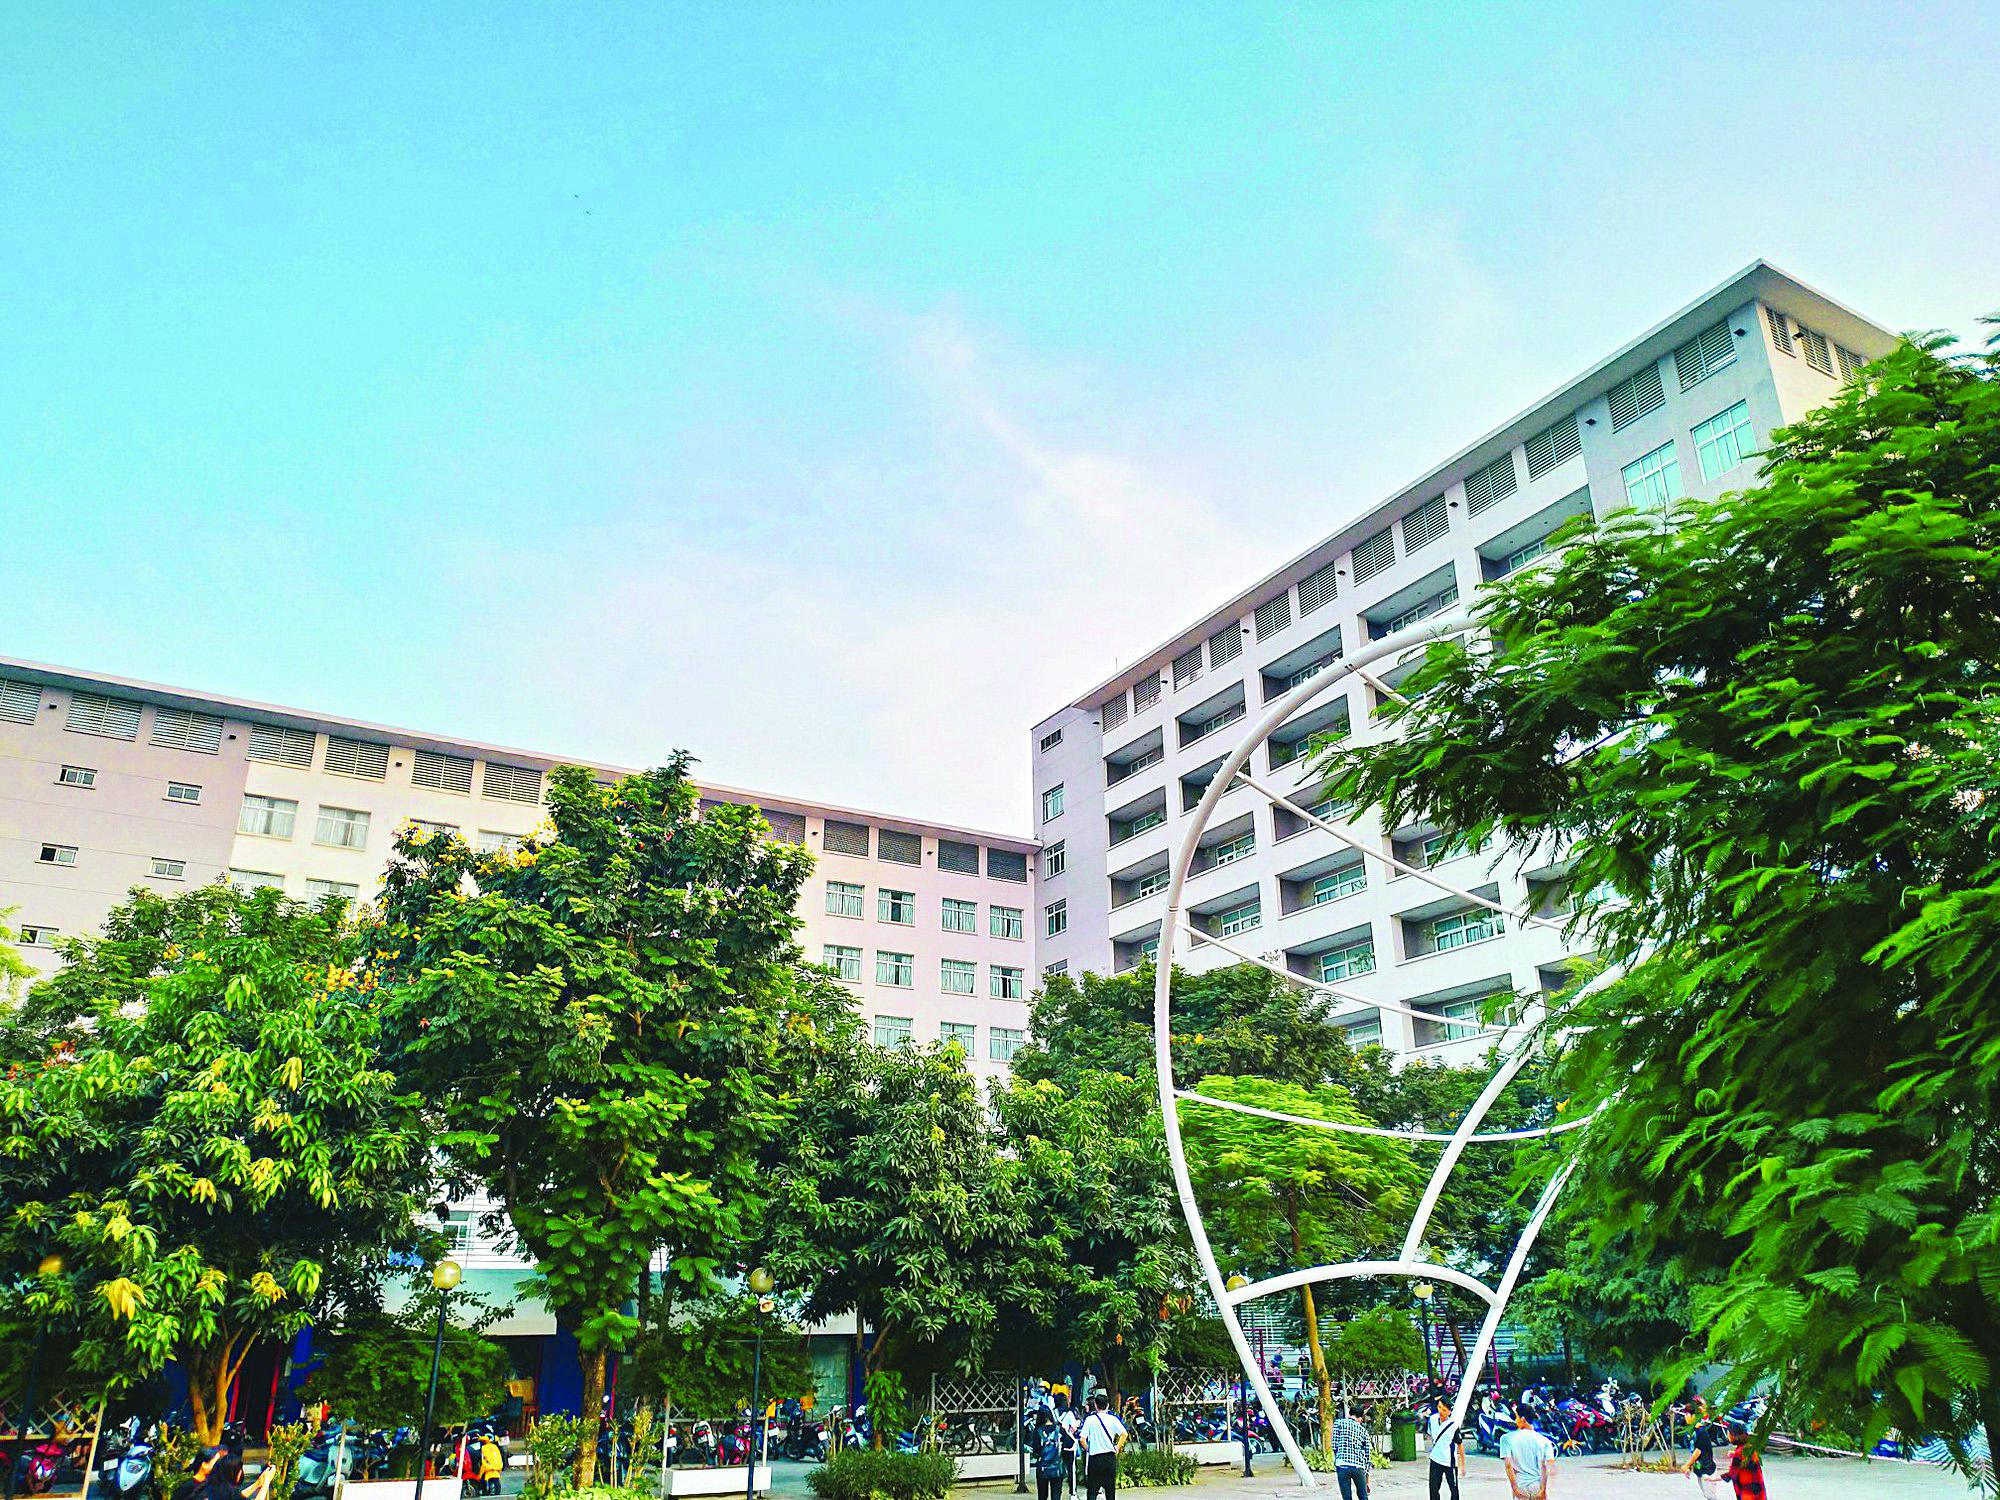 Đại học Thăng Long gồm hai tòa nhà cao 8 và 10 tầng. Ảnh: tin247.com